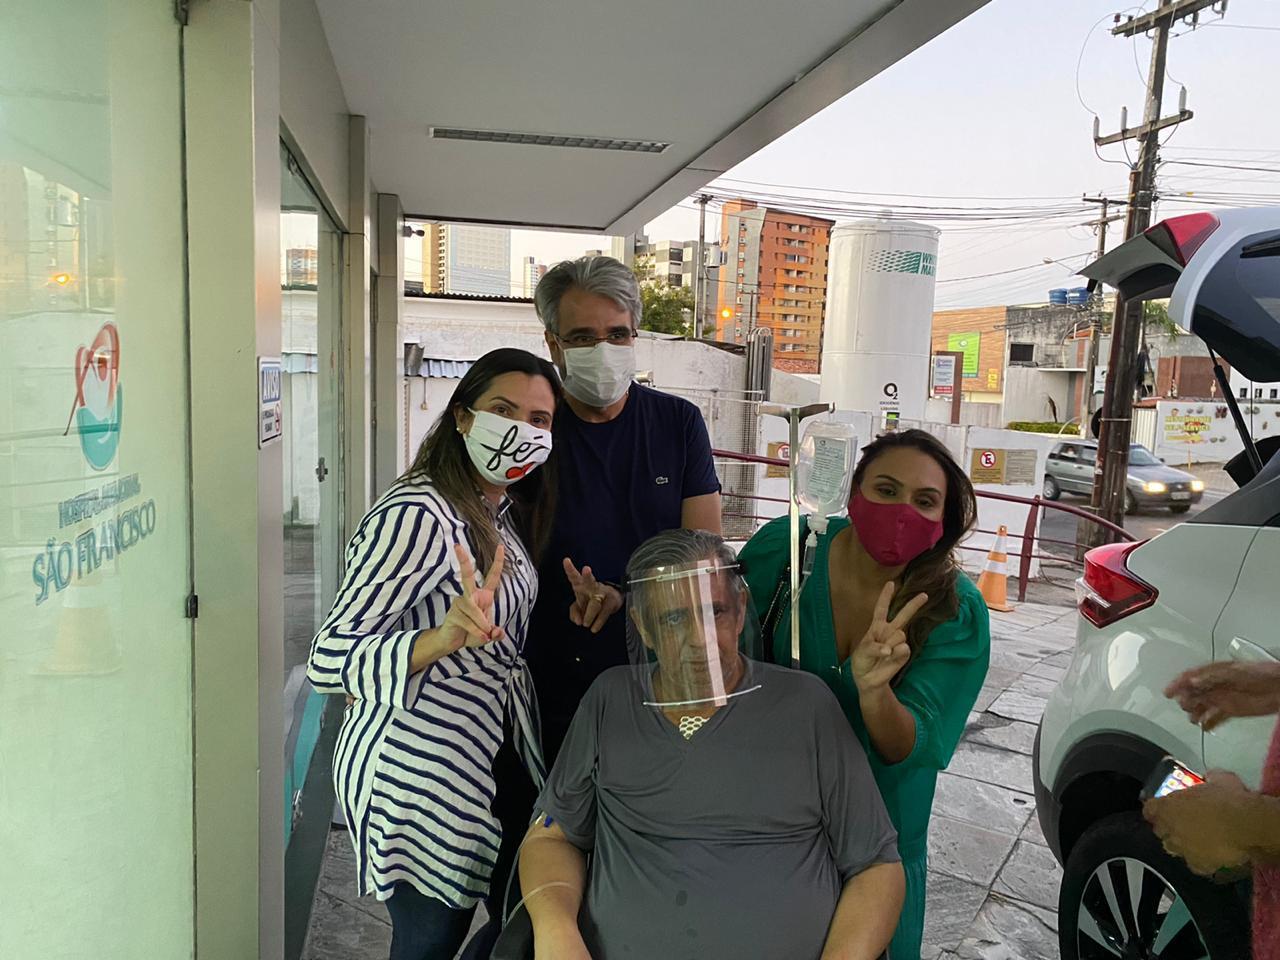 WhatsApp Image 2020 07 02 at 11.22.01 - Deputado Edmilson Soares recebe alta e já está em casa